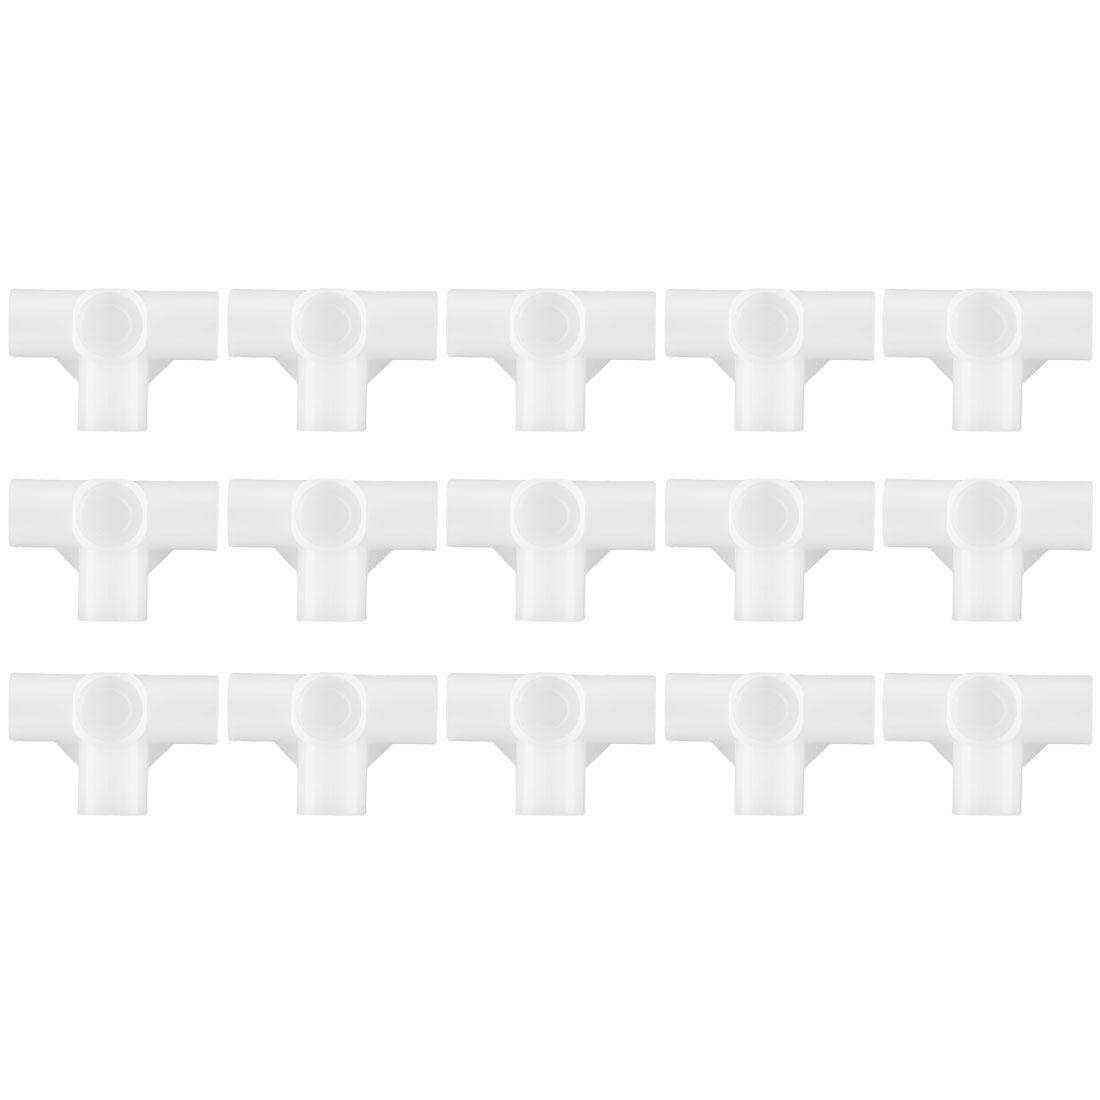 Shoe Rack Connector Parts, 16mm Inner Diameter for Repair Wardrobe 4 Way 15 Pcs